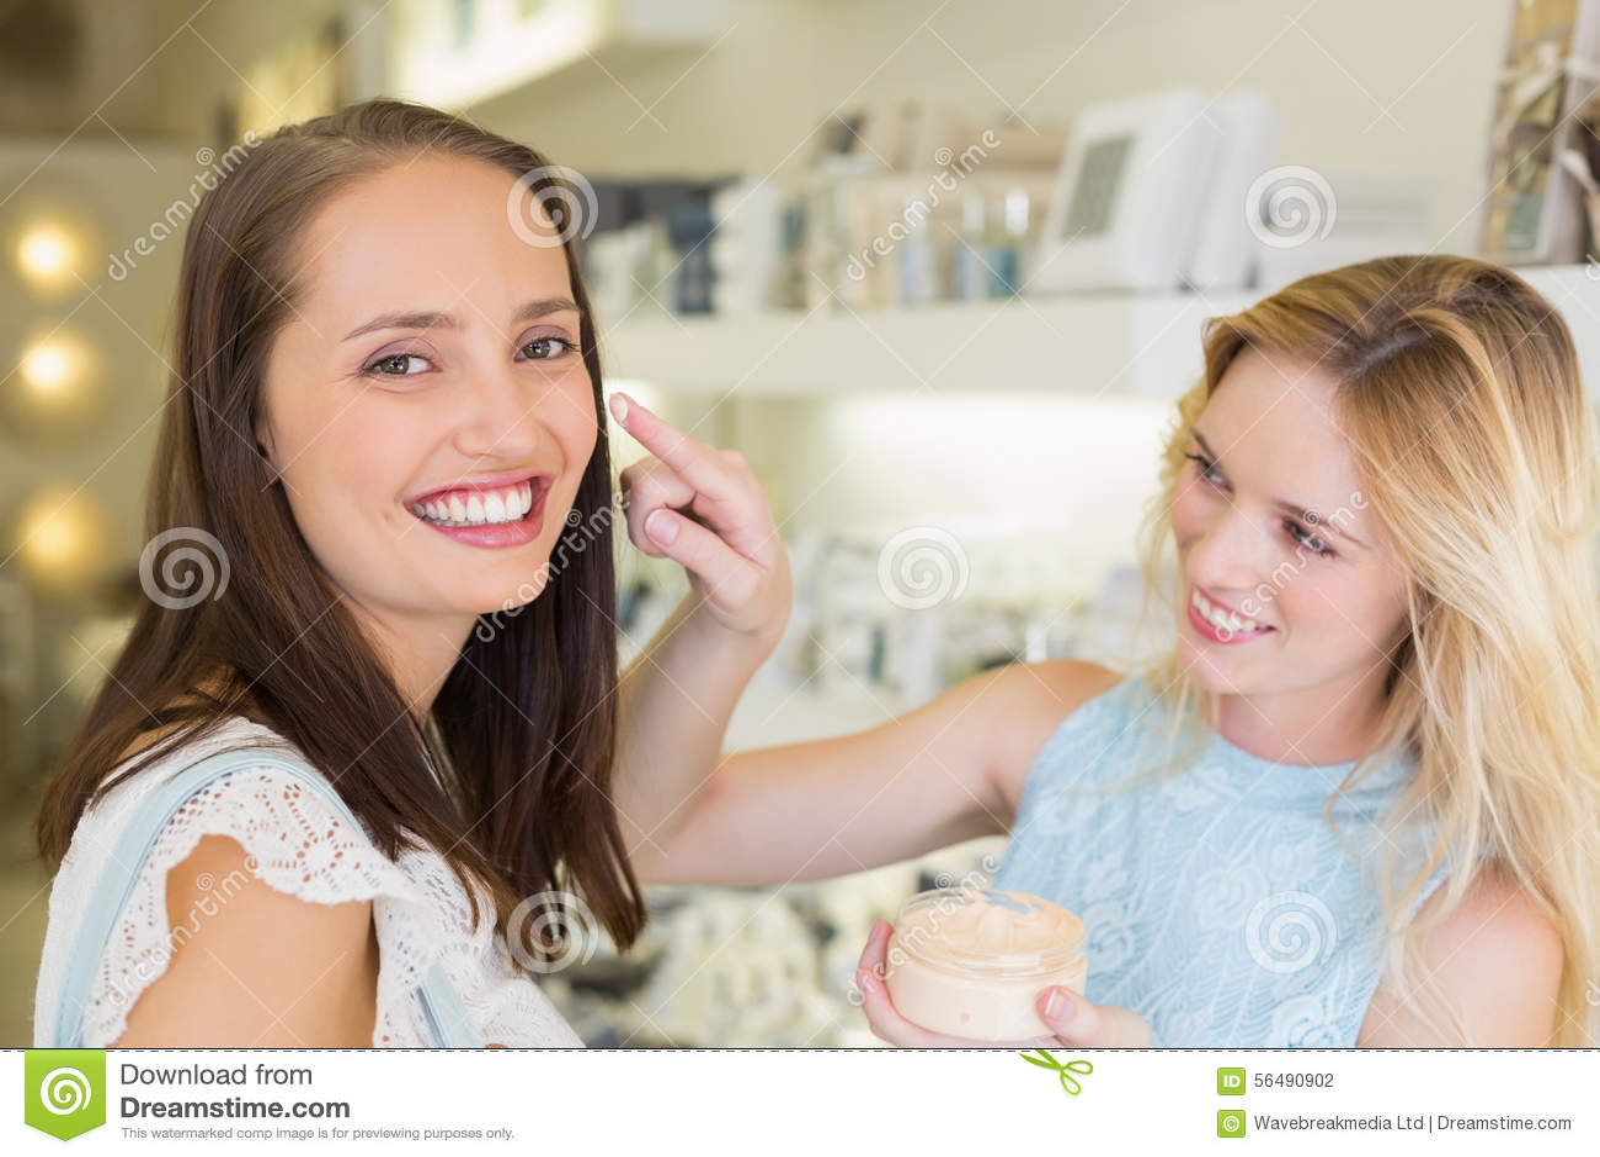 Femme blonde heureuse appliquant les produits cosmétiques sur son ami